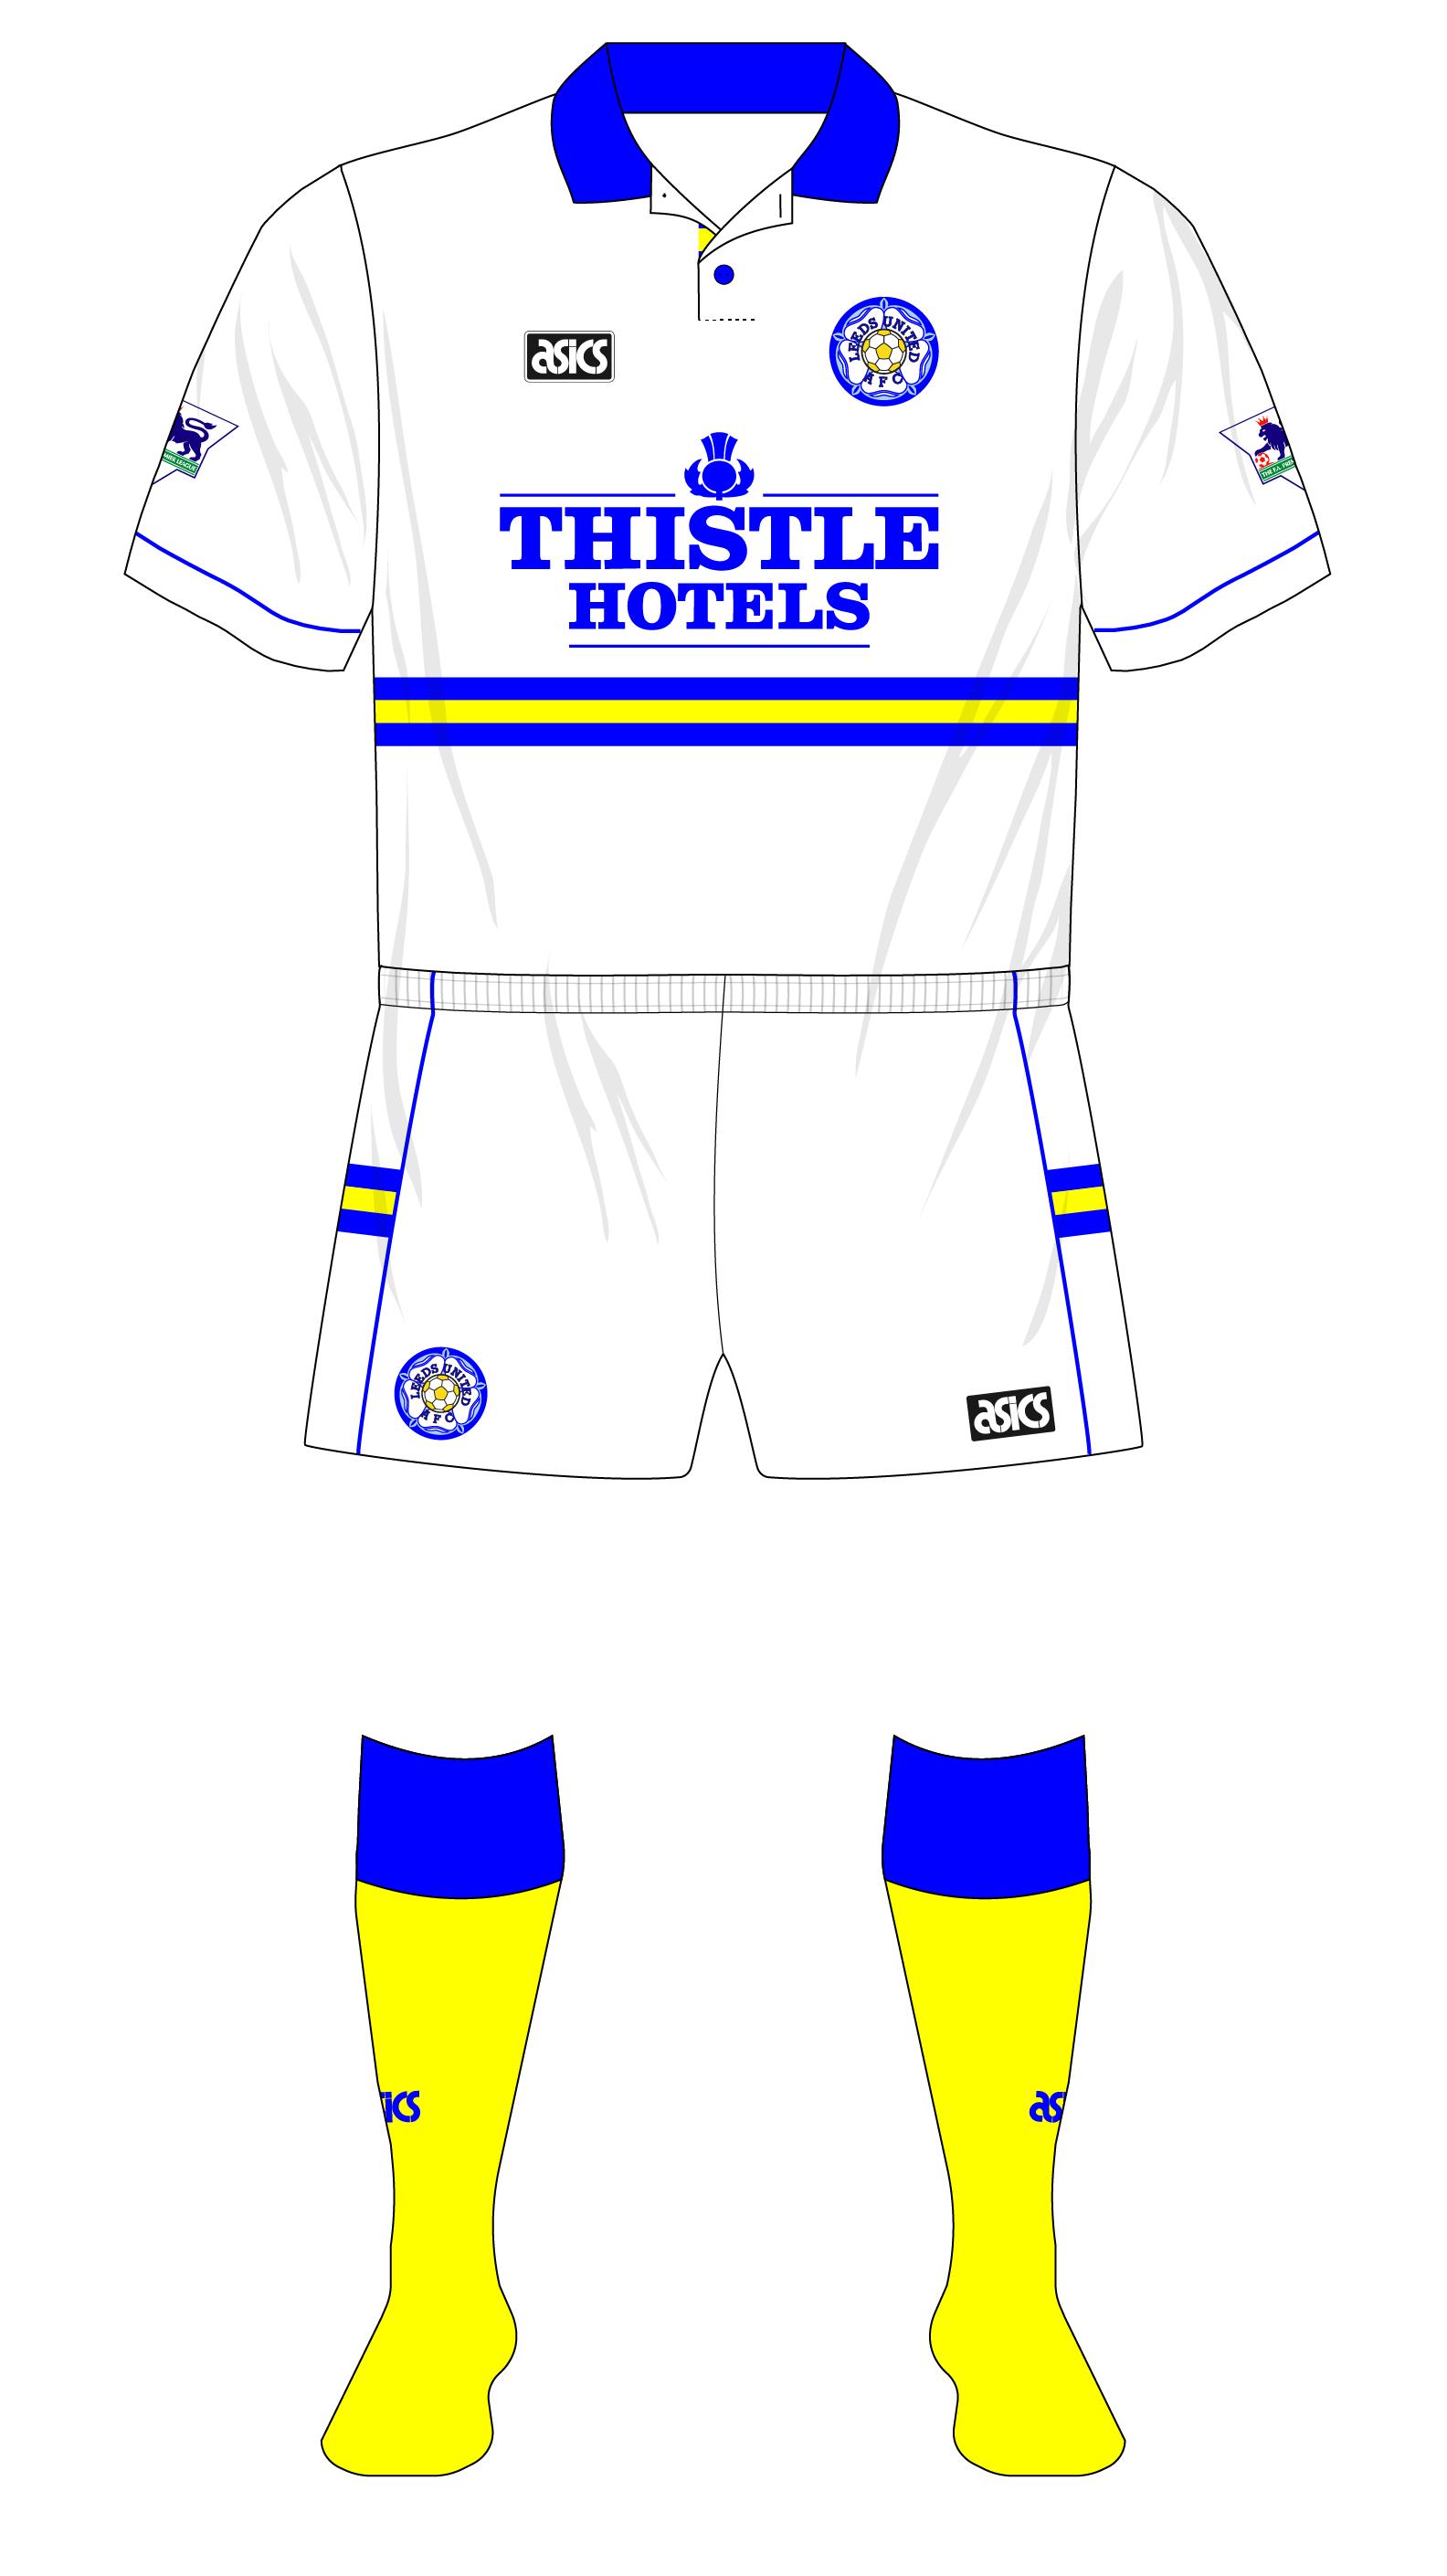 Leeds-United-1993-1994-asics-home-kit-yellow-socks-Chelsea-01